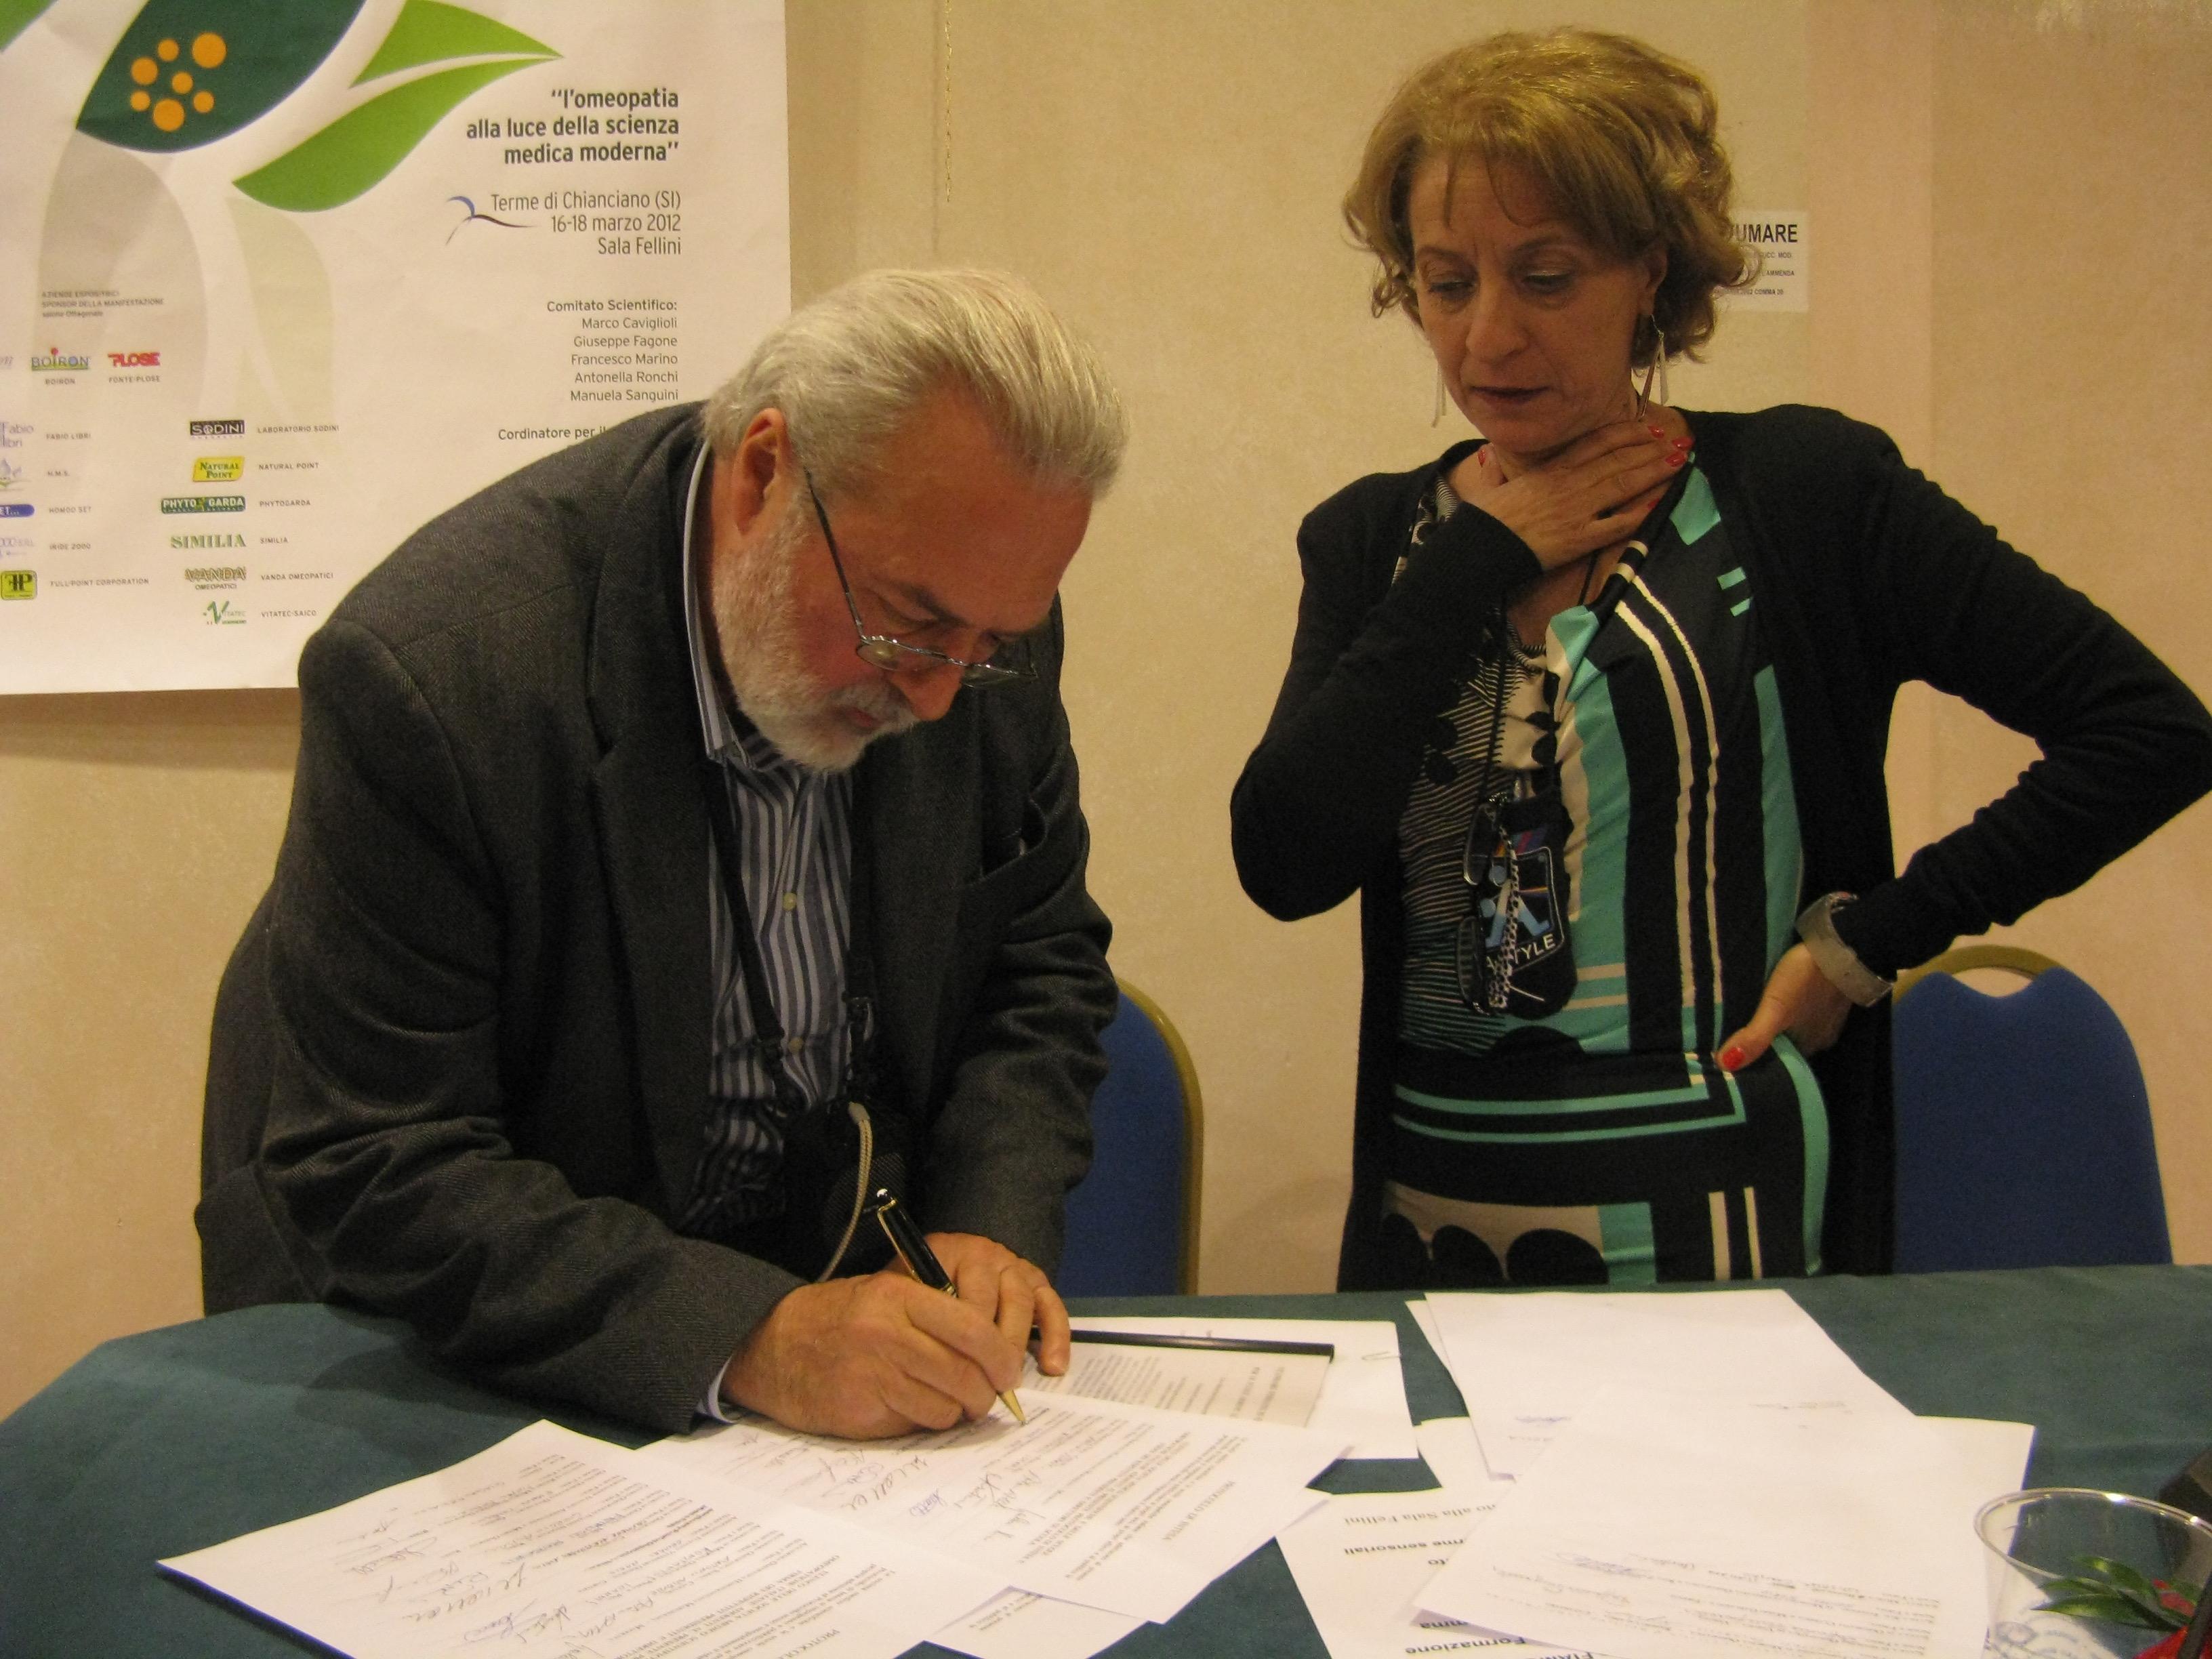 2012-pindaro-mattoli-e-giovanna-giorgetti-fiamo-chianciano-2012